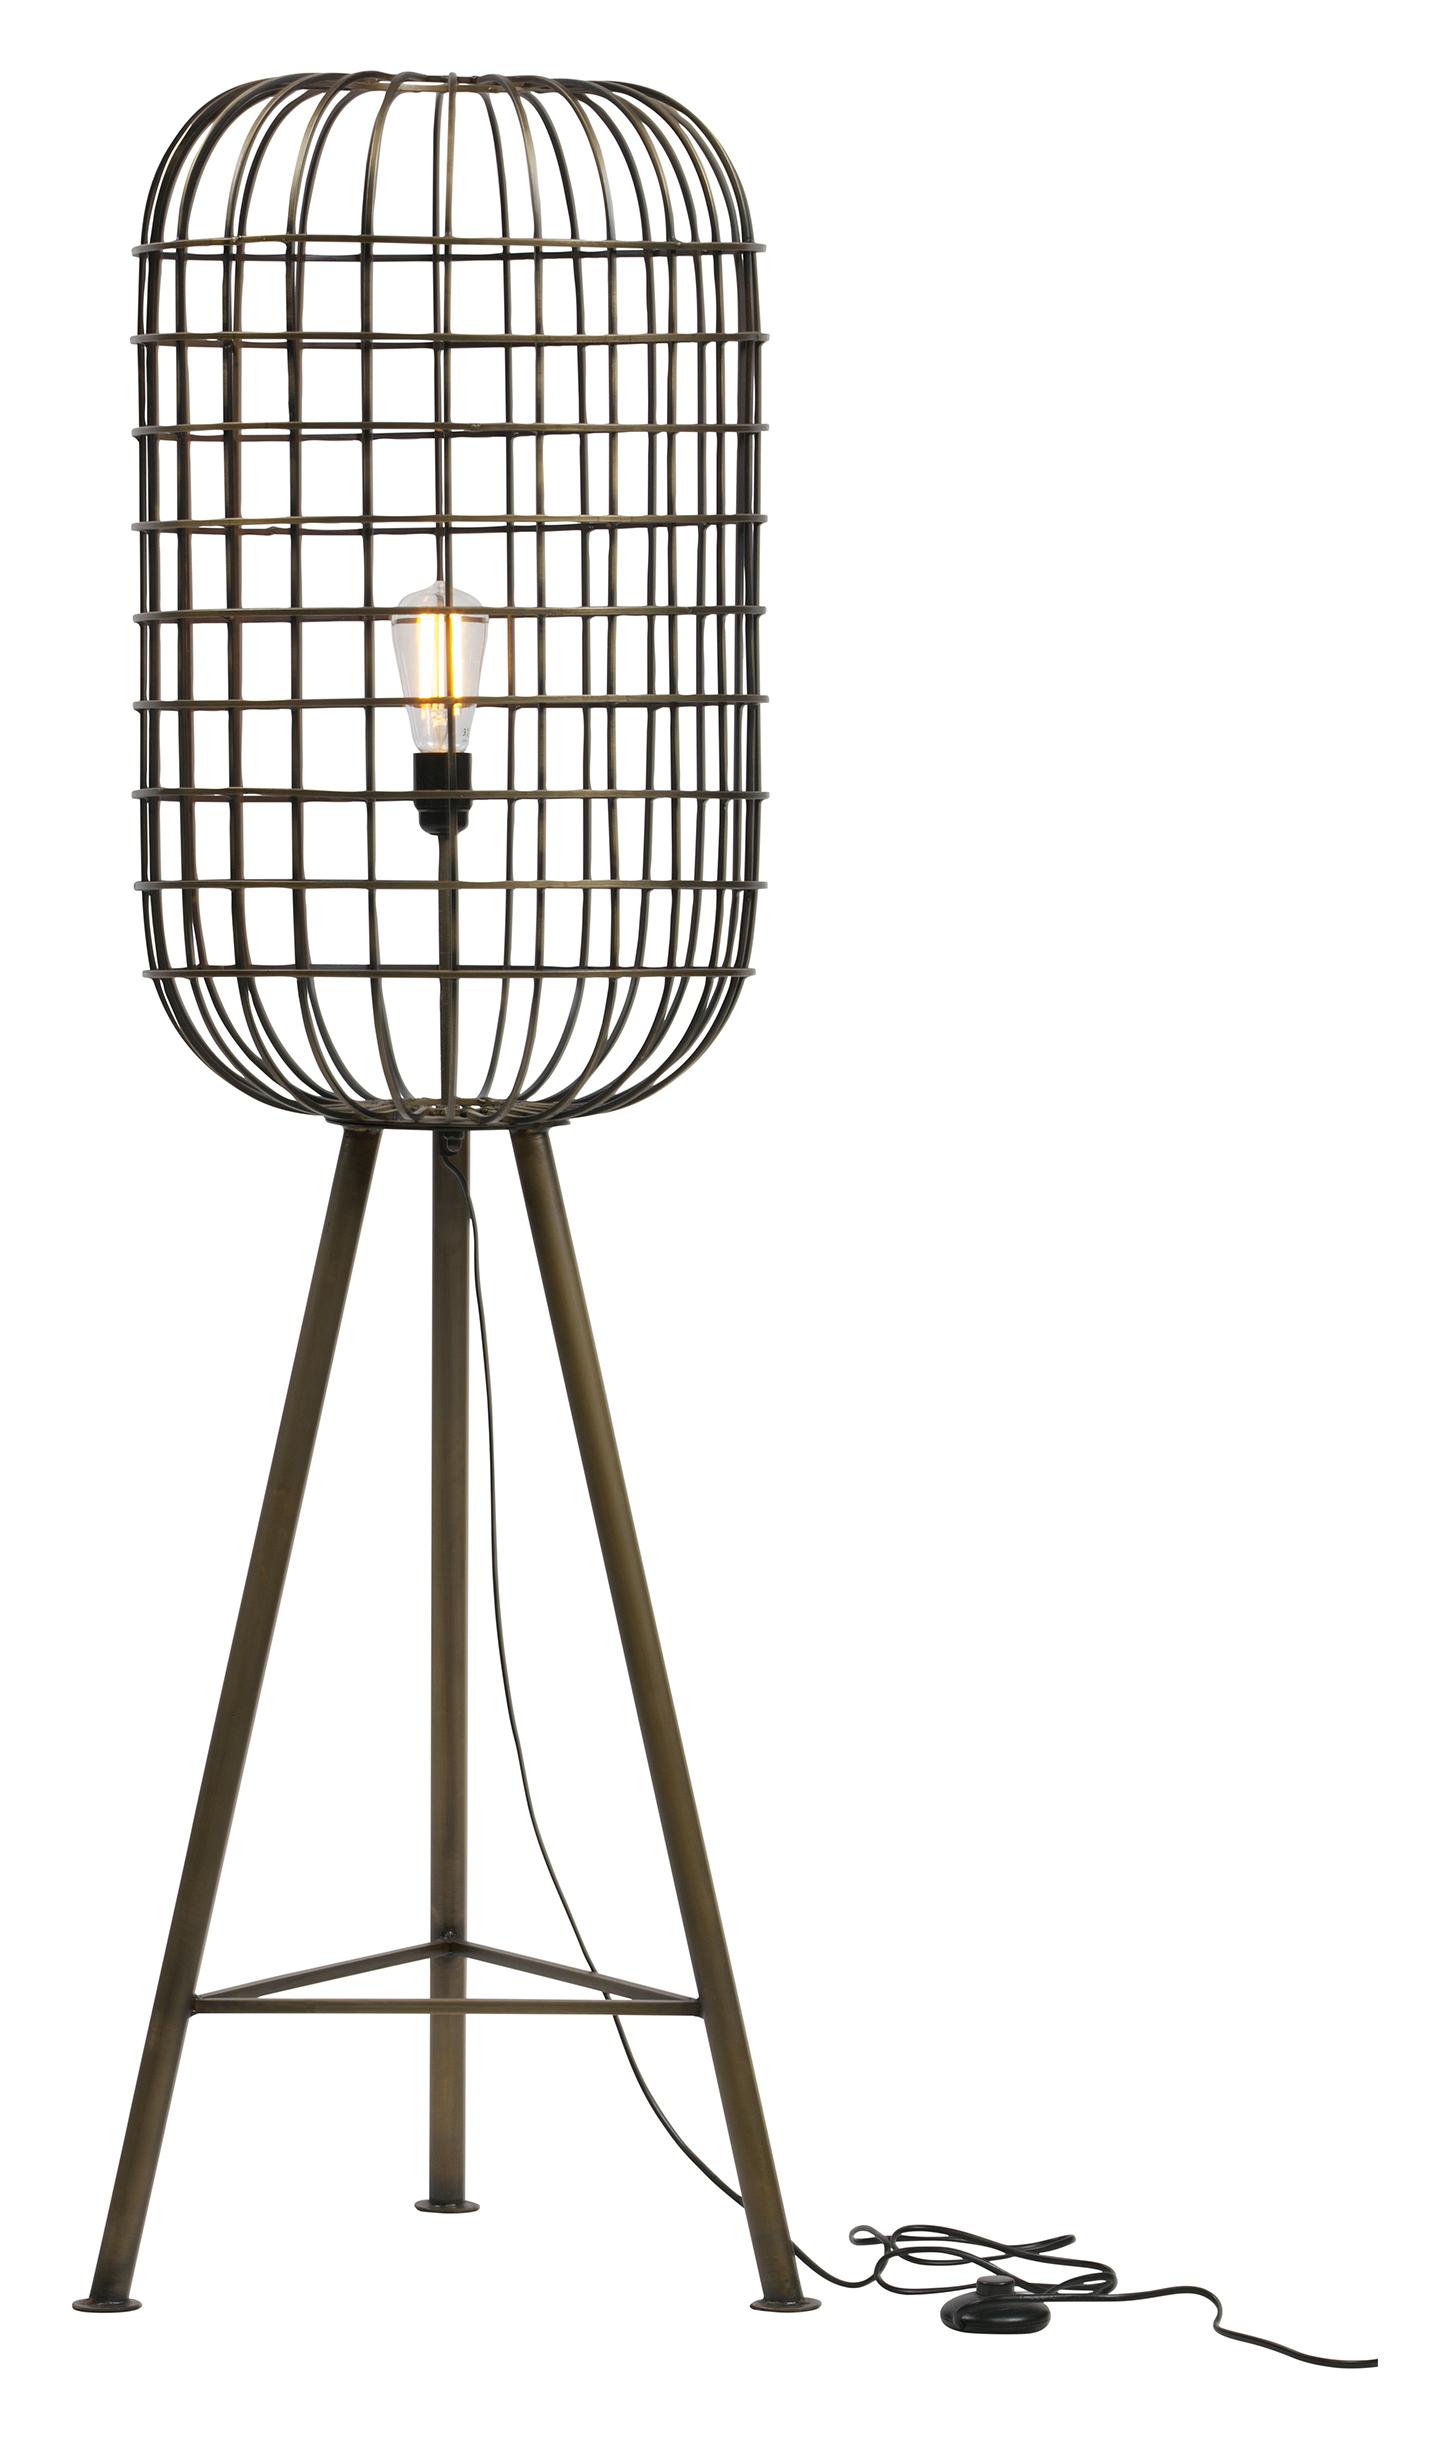 BePureHome Vloerlamp 'Hurricane', kleur Antique Brass Verlichting | Vloerlampen kopen